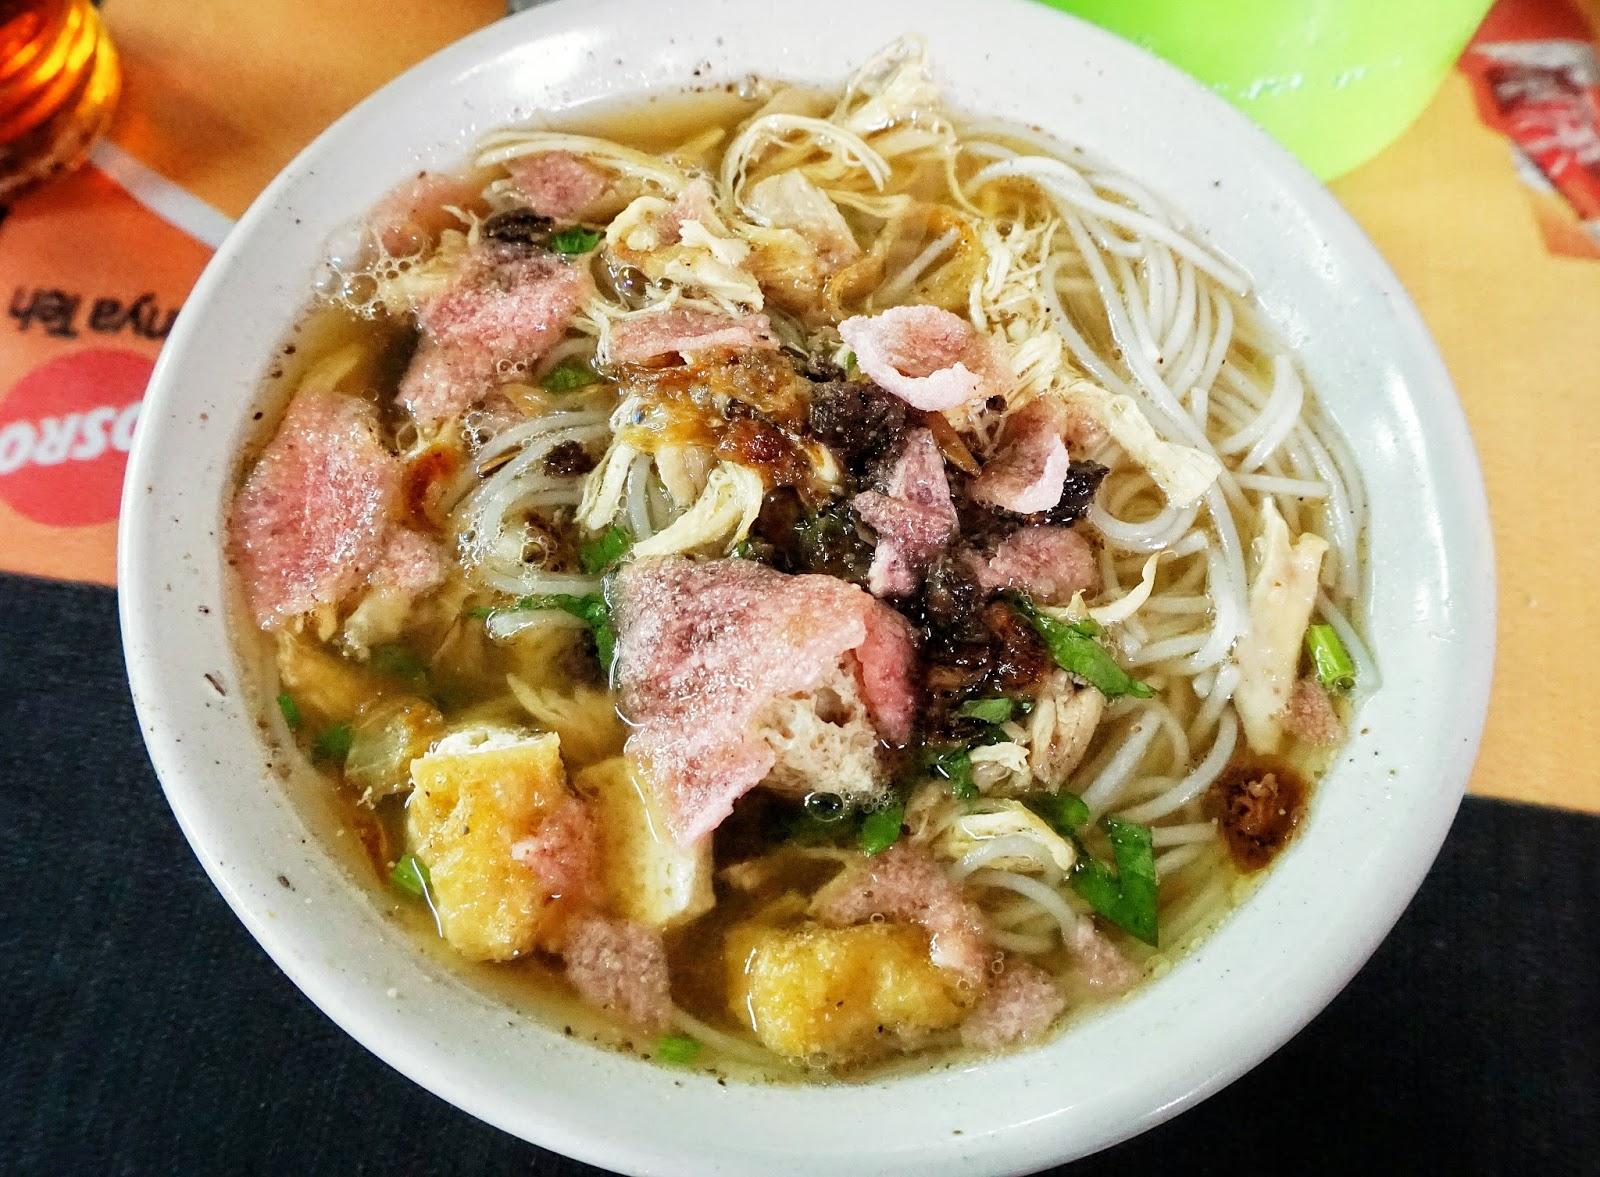 Asiknya Berbagi PKU - @TempatMakanPekanbaru: Miso Rempah Rajawali - Tempat Makan Kuliner Pekanbaru